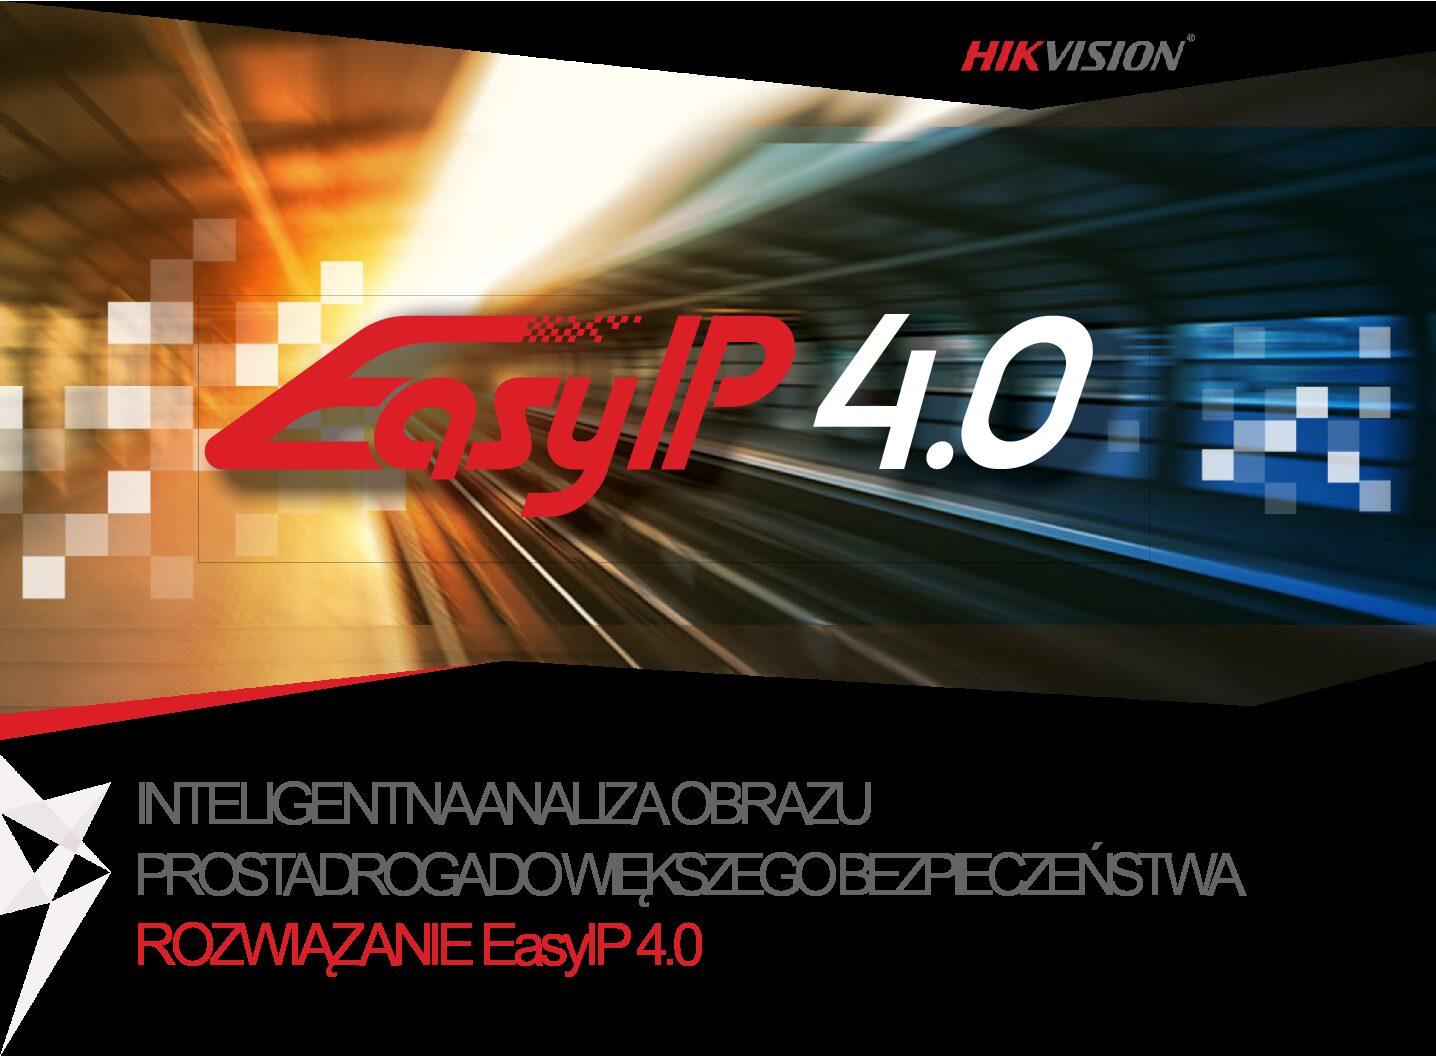 Do pobrania » Katalog EasyIP 4.0 min 1 pdf